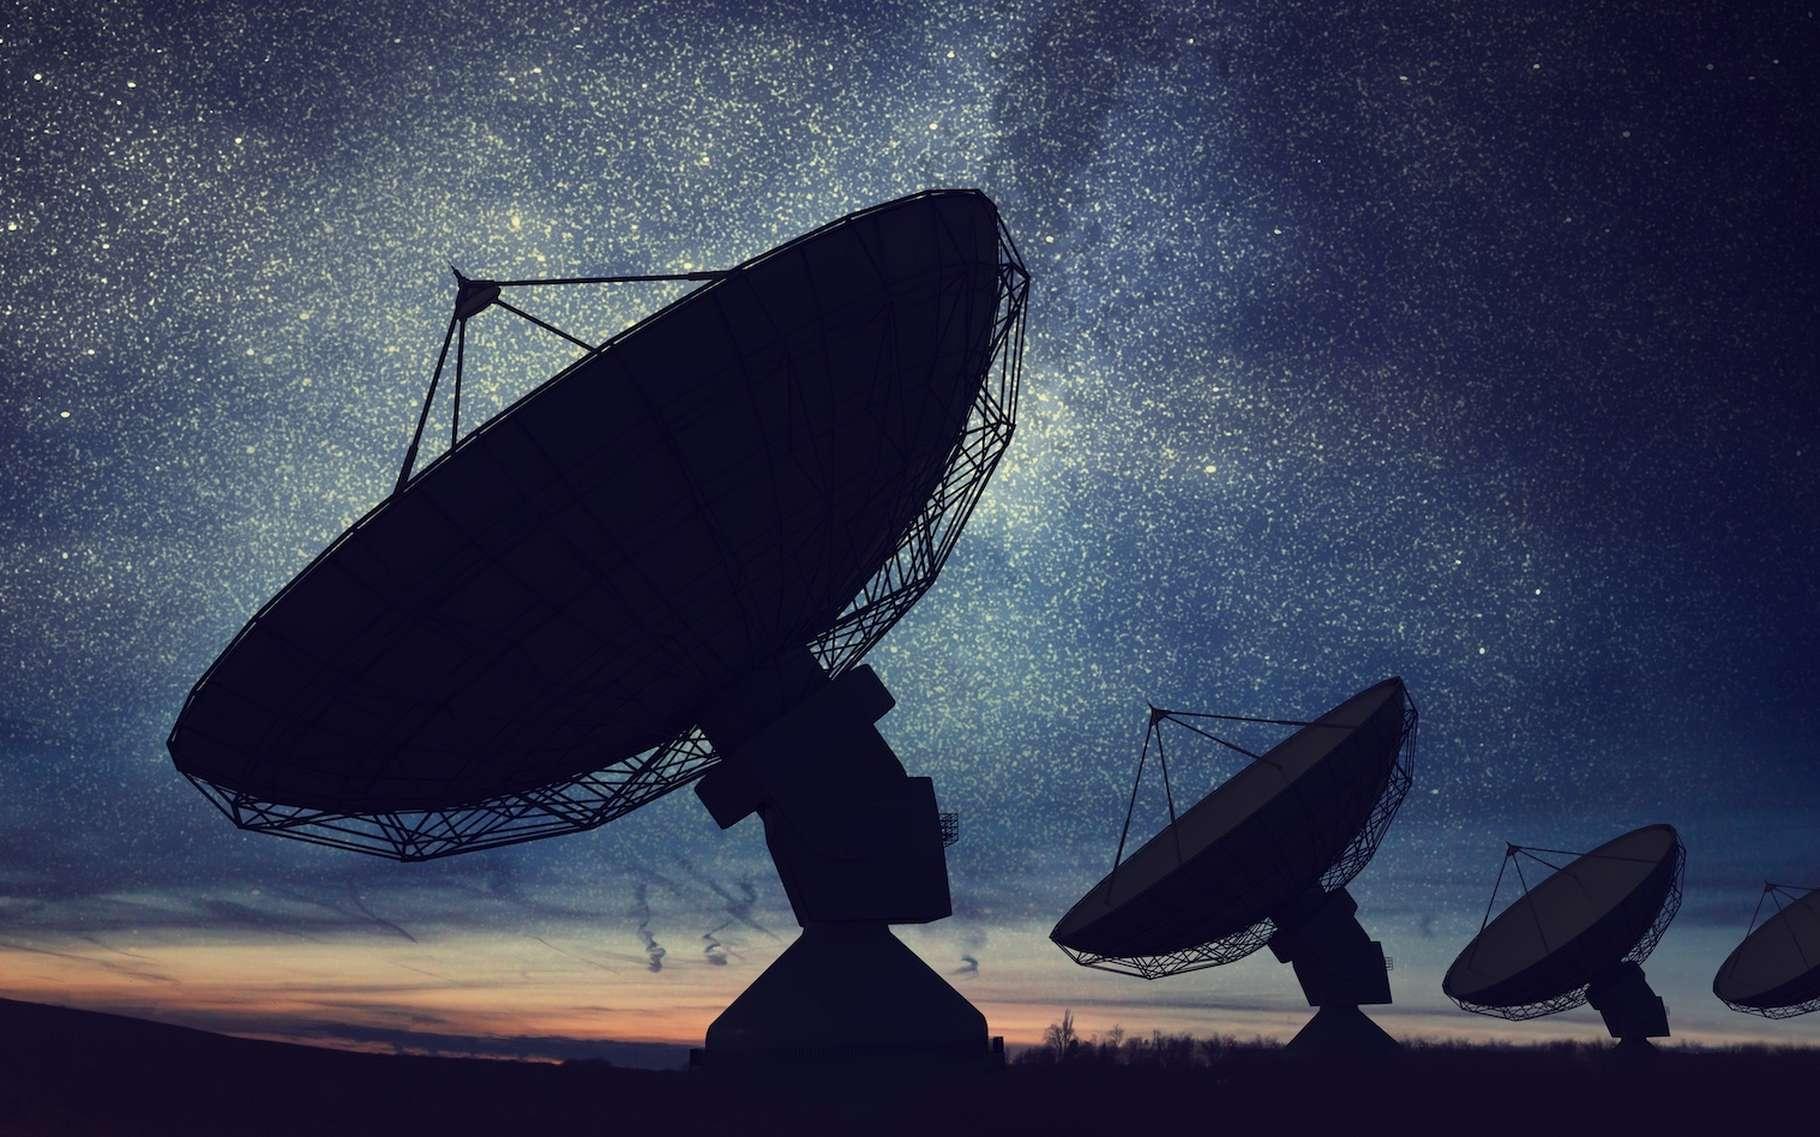 Des chercheurs de l'université Cornell (États-Unis) ont tendu l'oreille. Et ils viennent probablement d'enregistrer le premier signal radio provenant d'une exoplanète. © vchalup, Adobe Stock